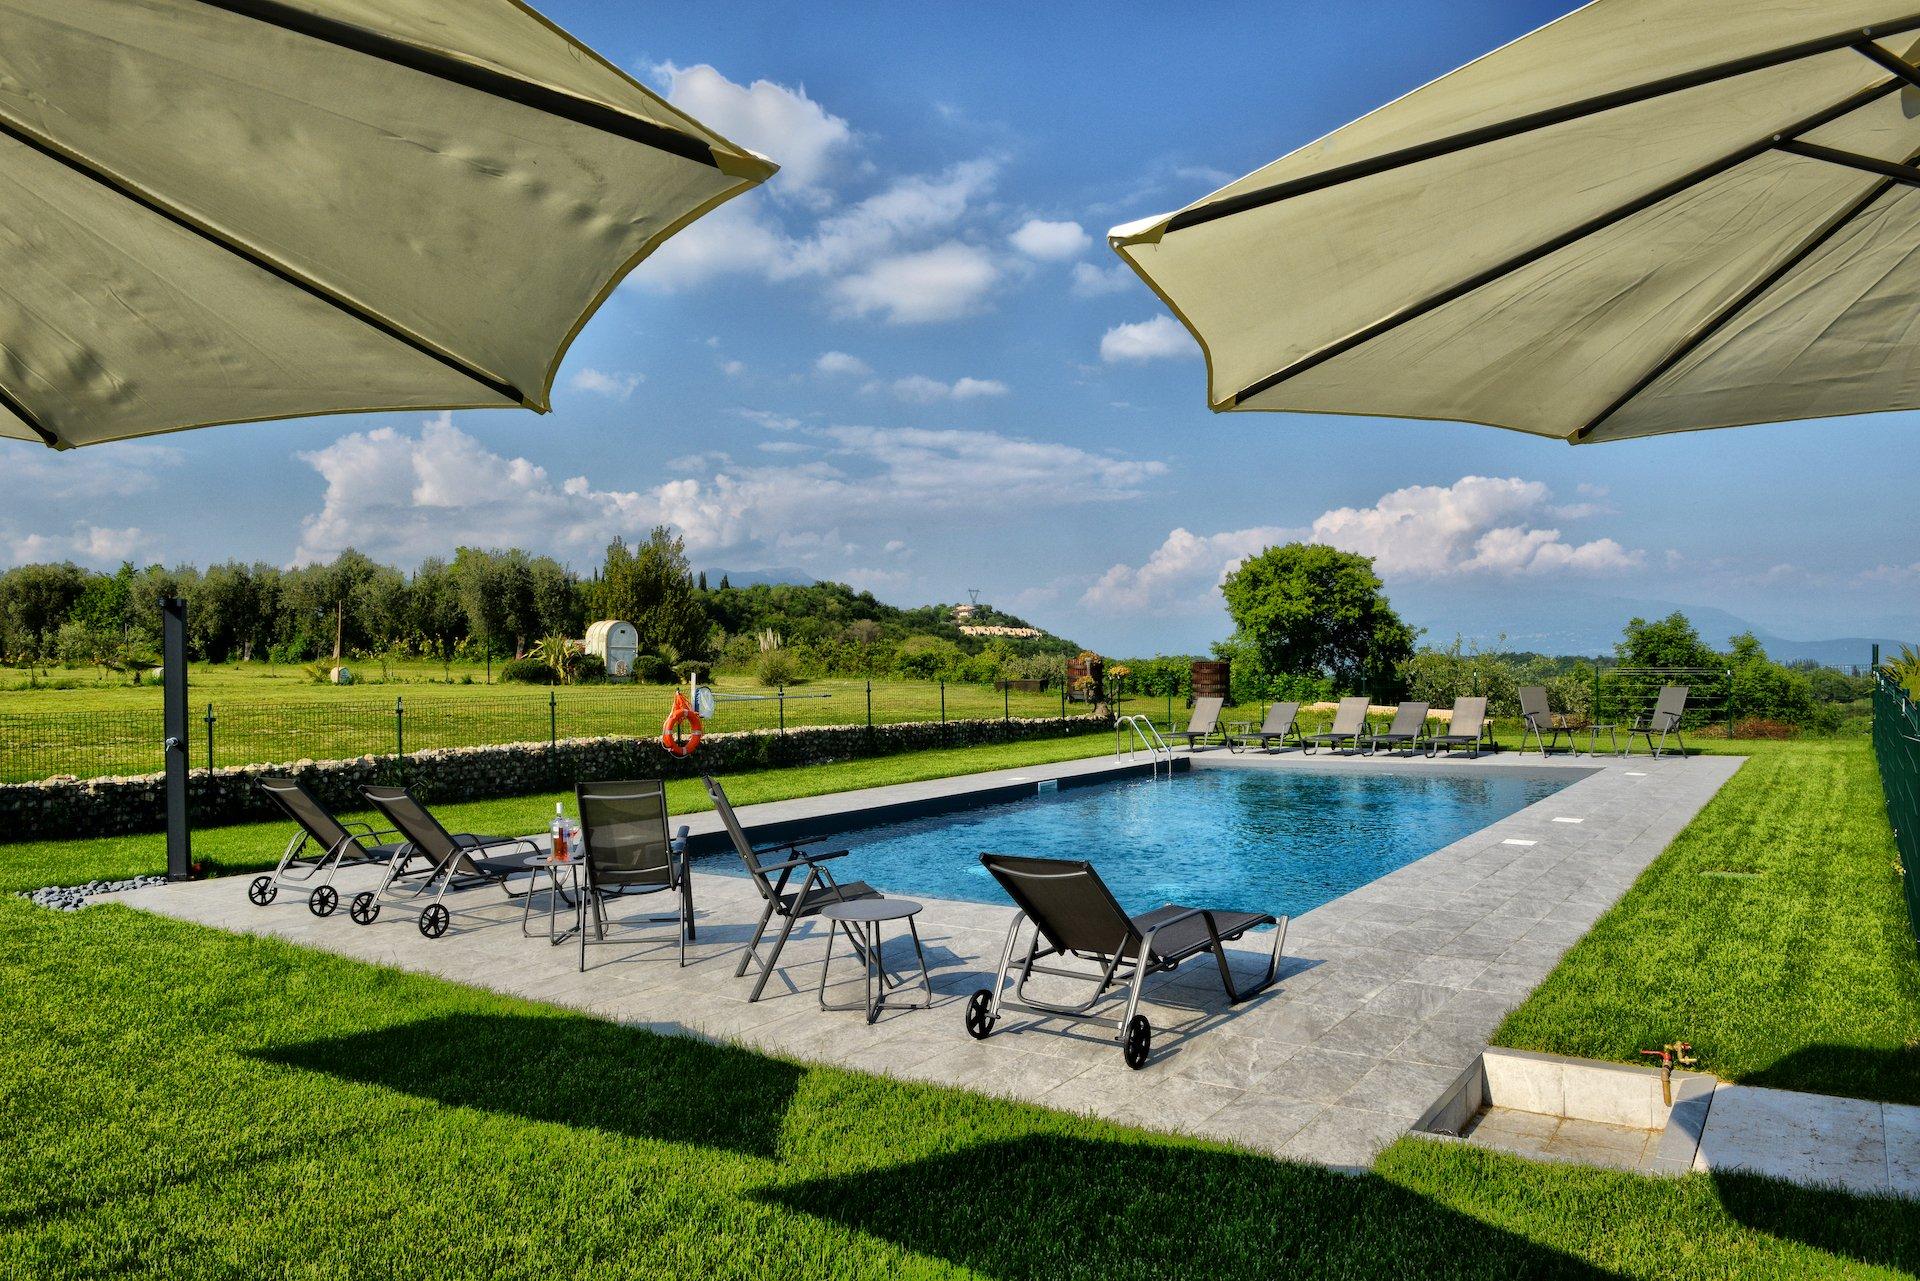 Pool - Farmhouse lake Garda - La guarda